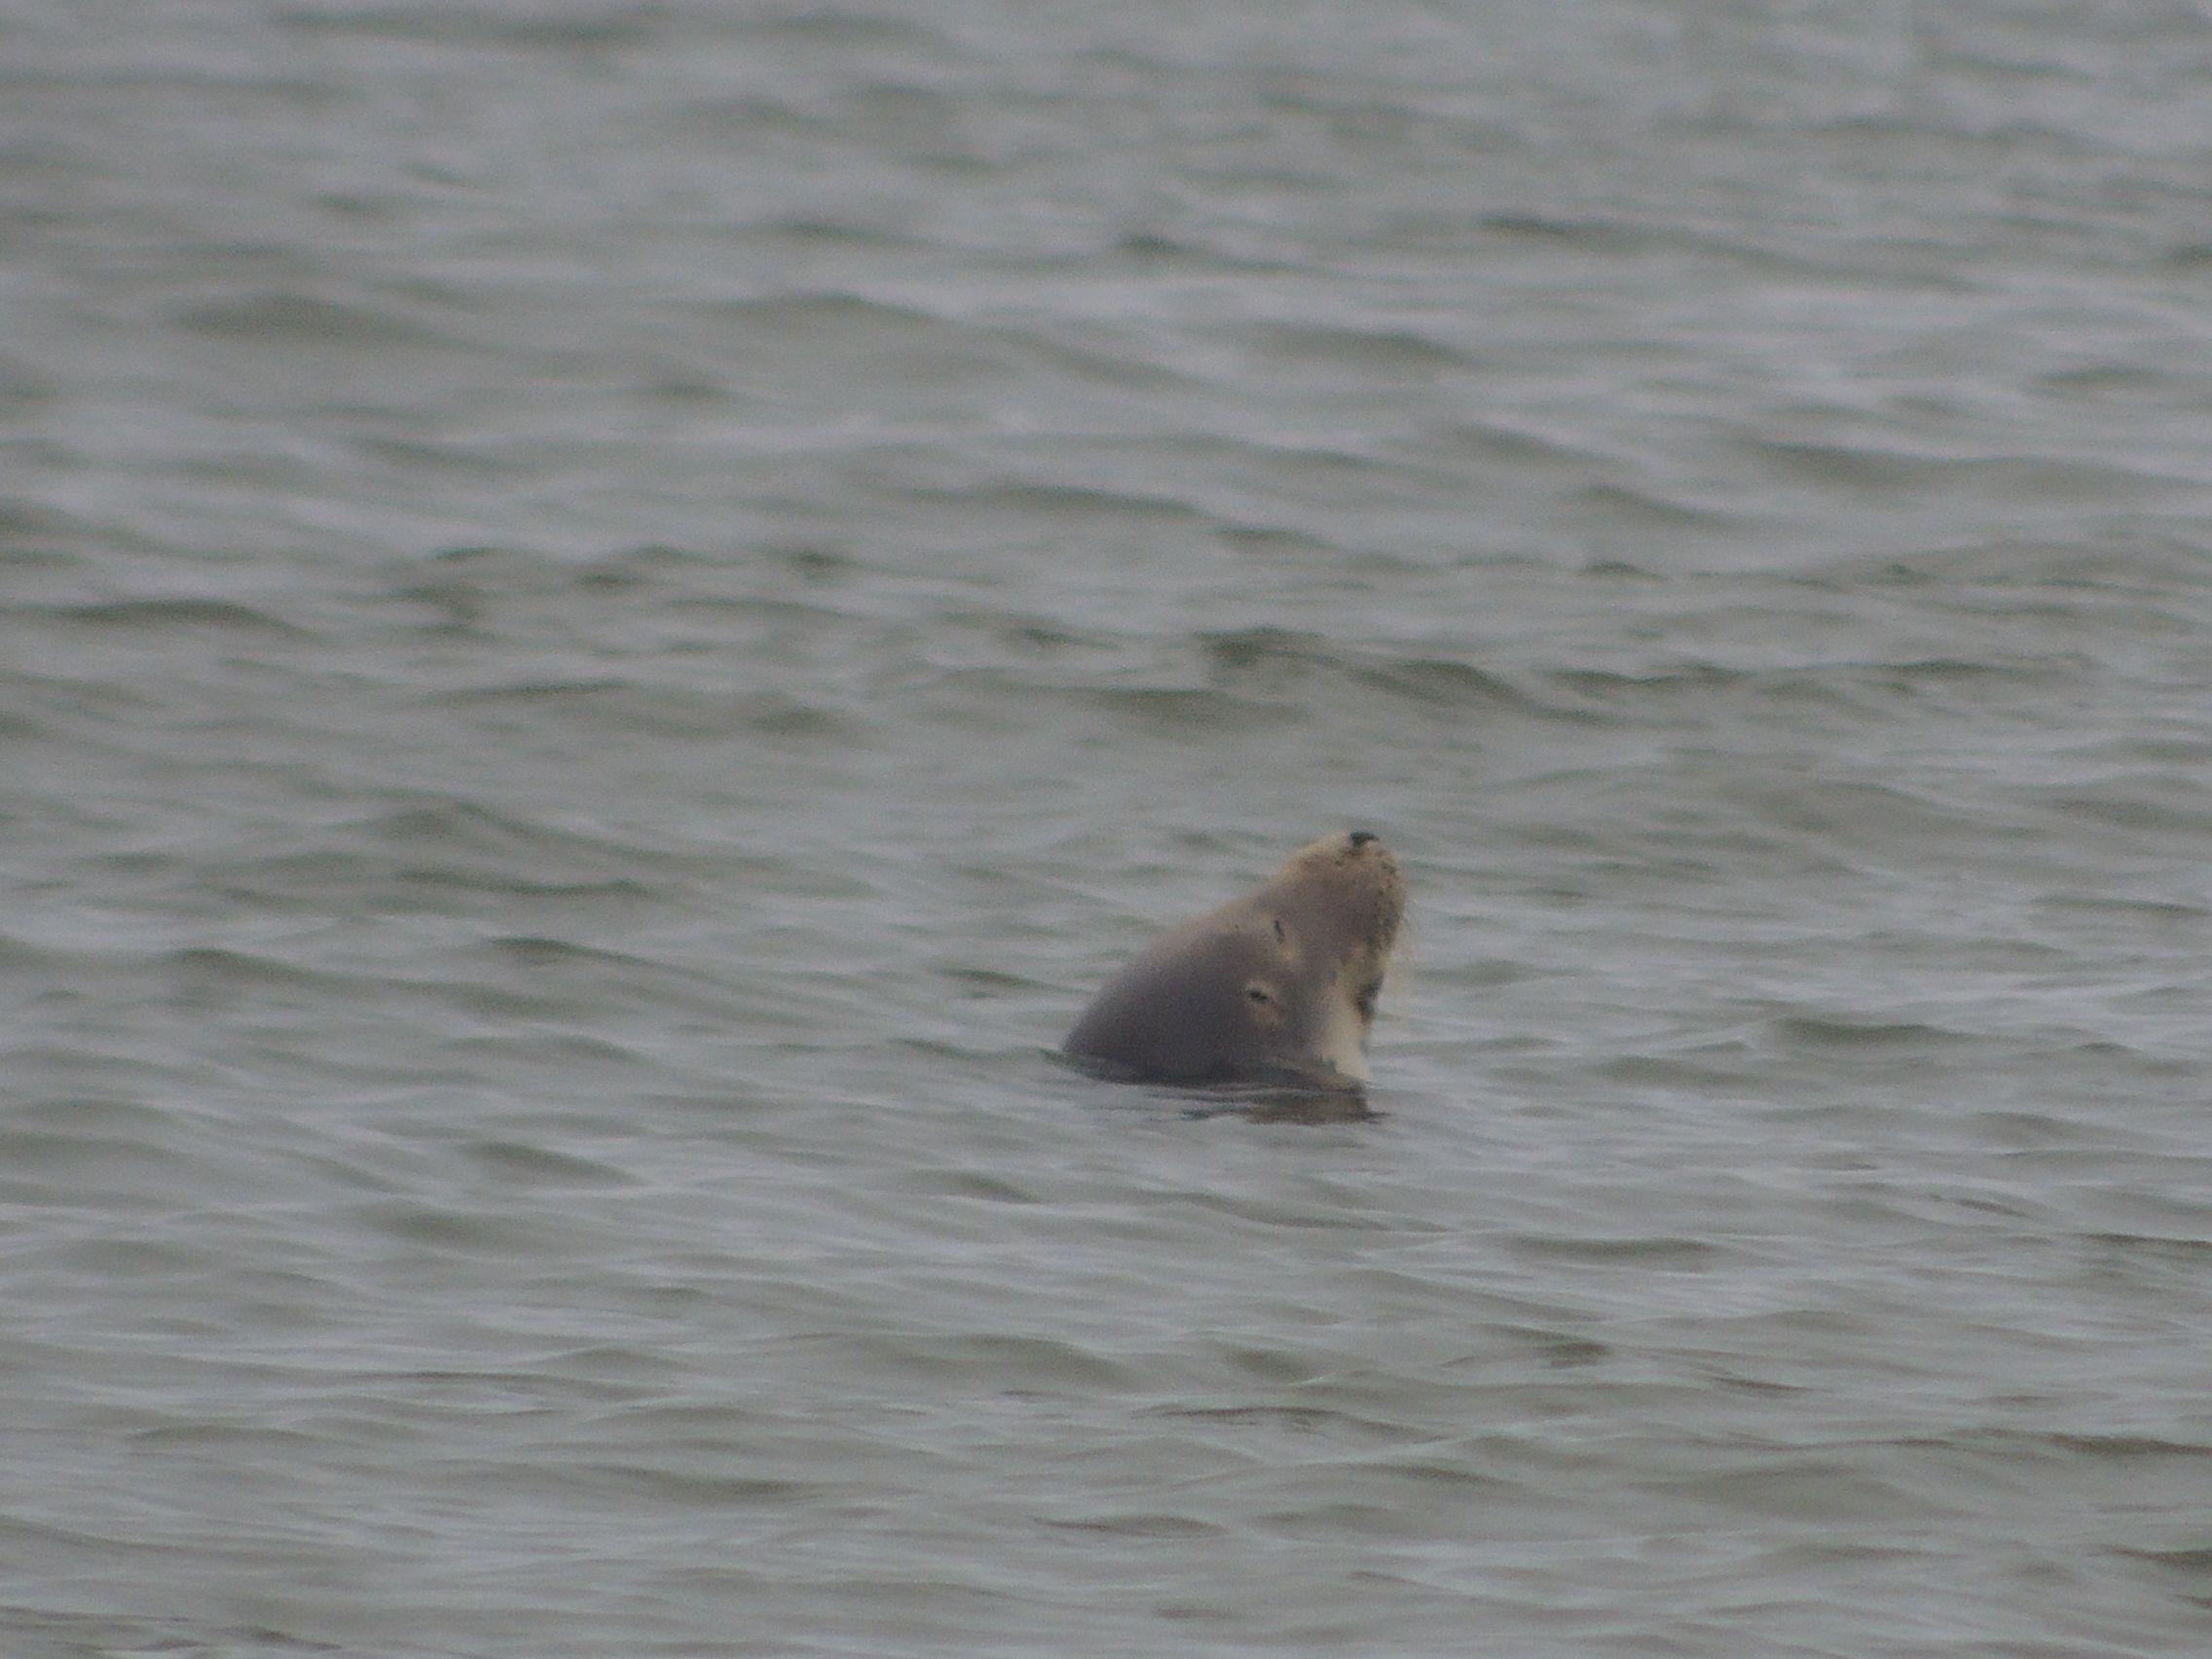 Een grijze zeehond vlak voor de kust van Noordwijk